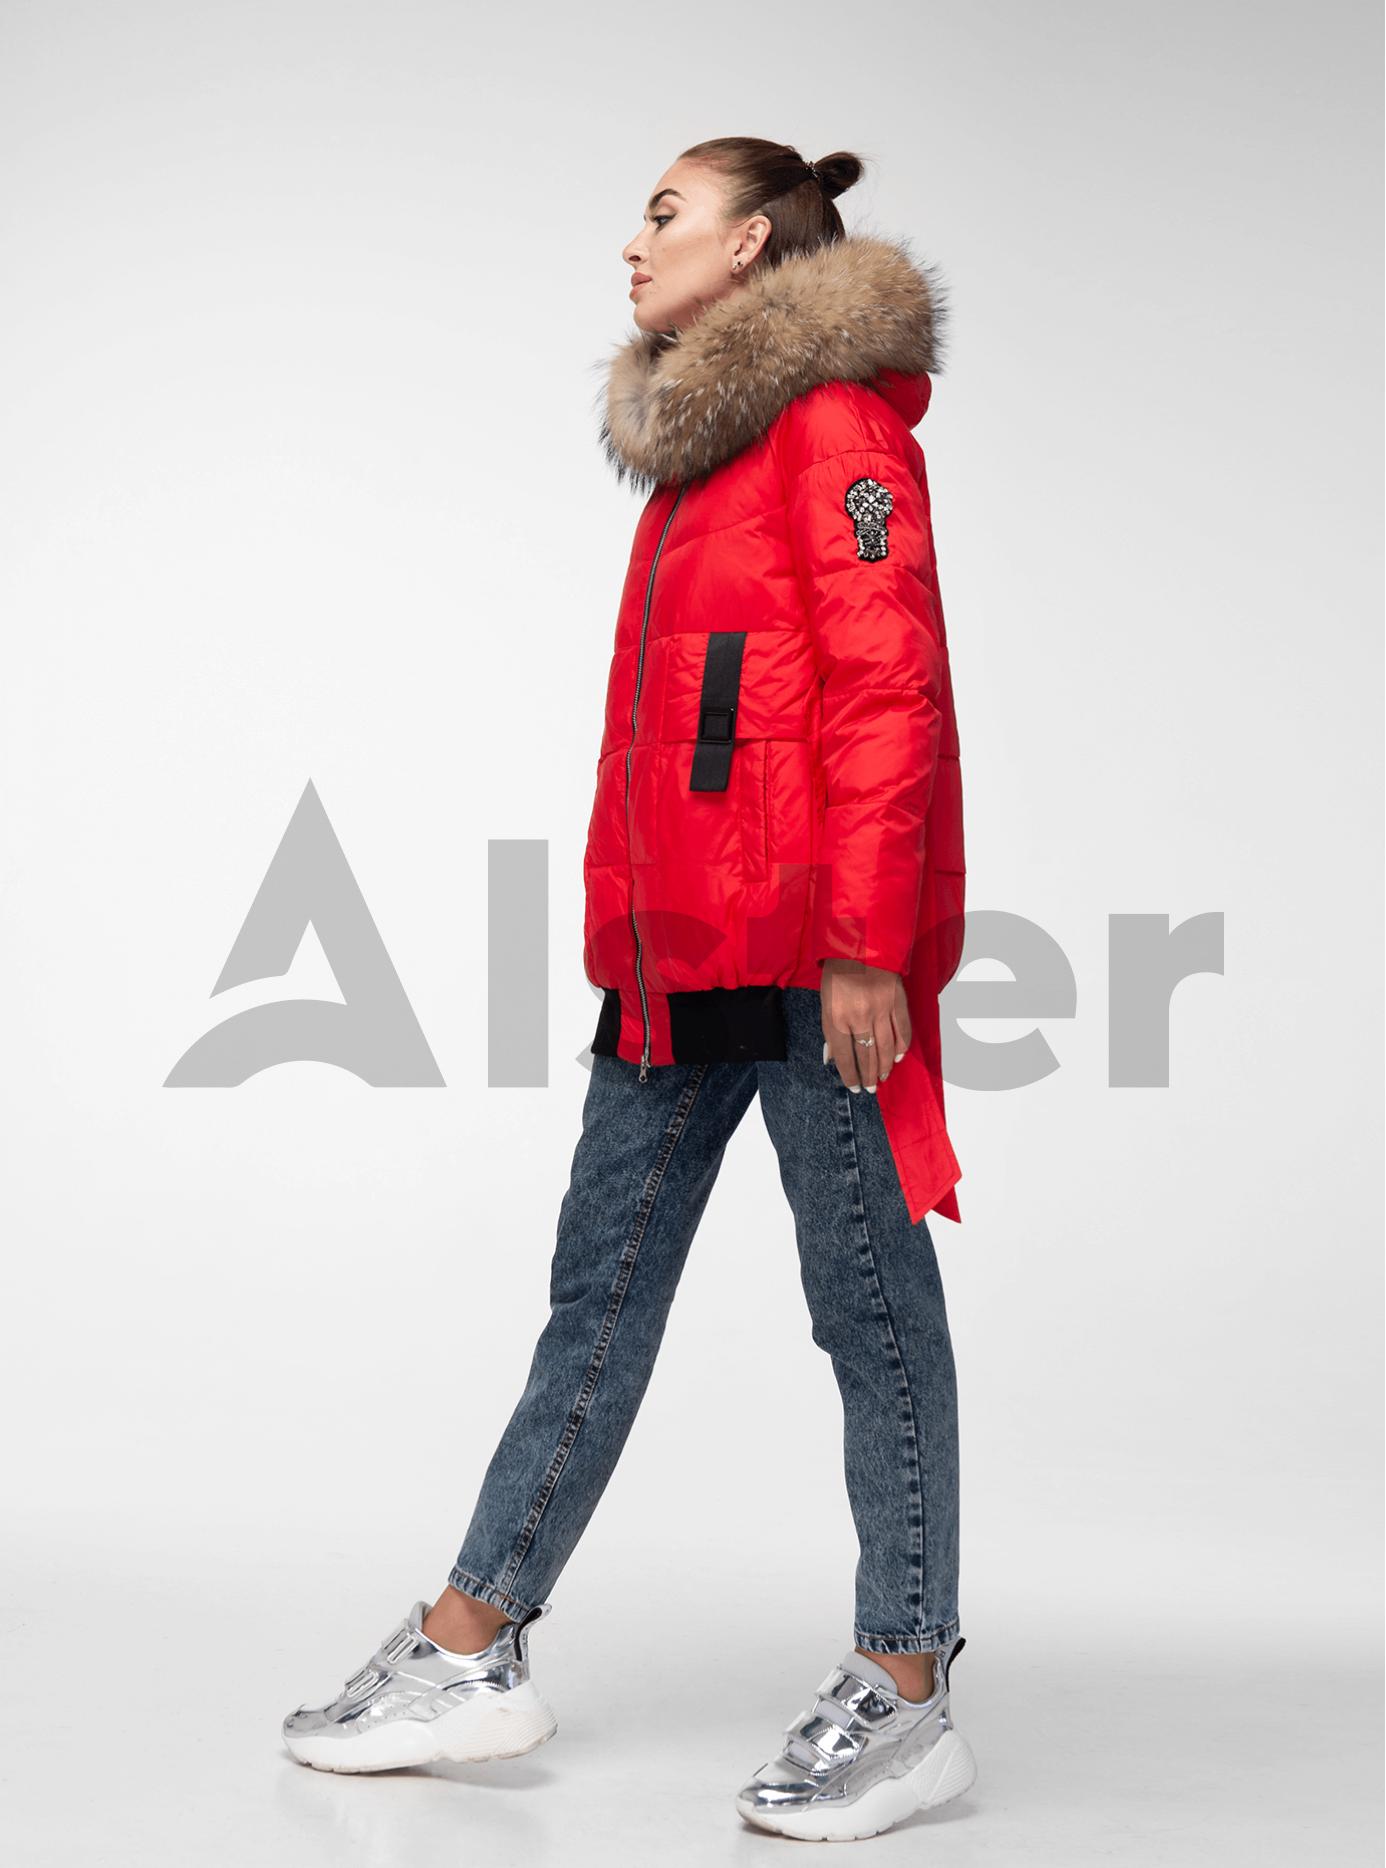 Куртка зимняя с завязками и мехом енота Красный M (02-V191109): фото - Alster.ua